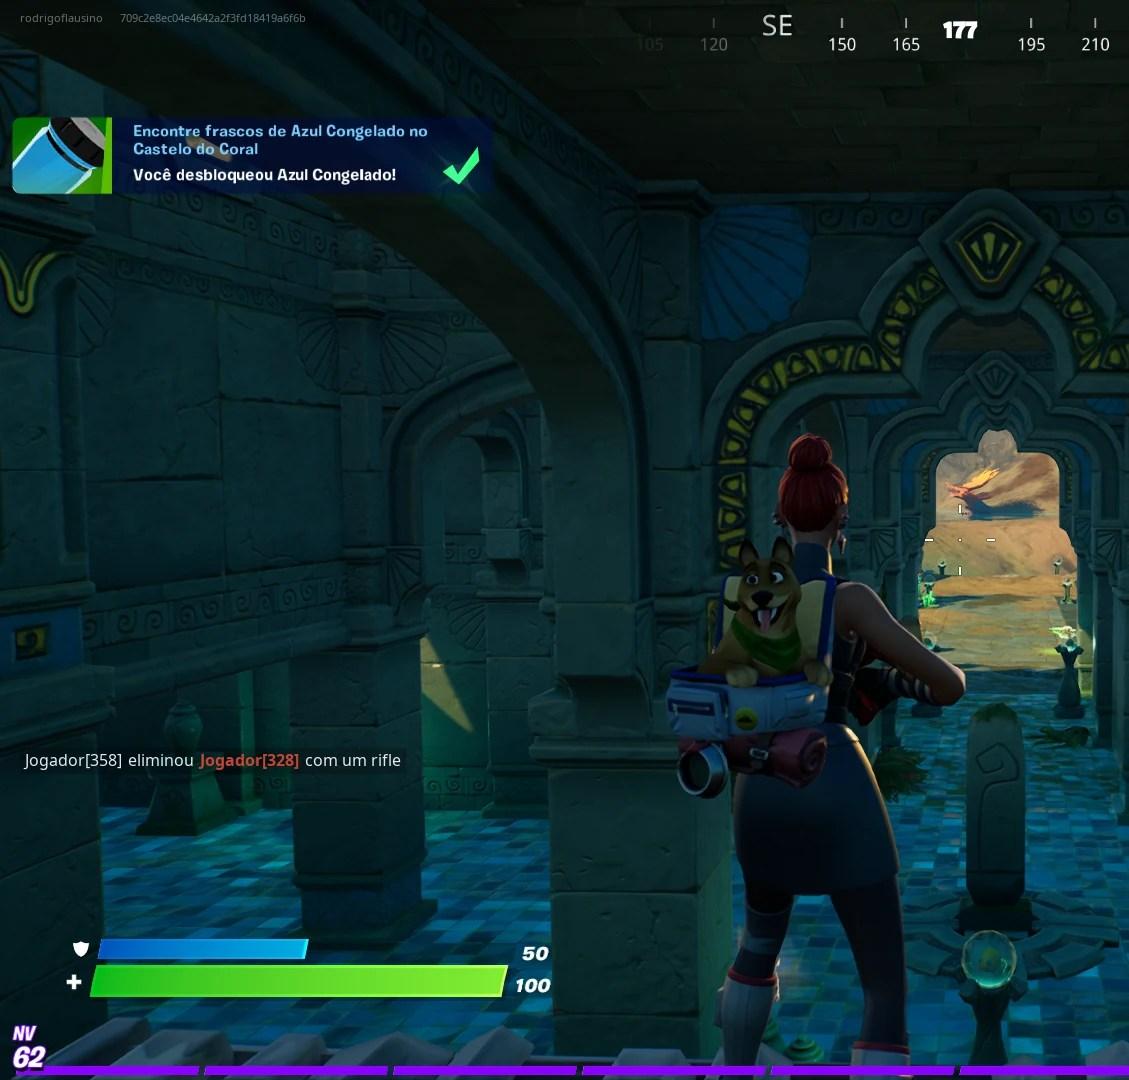 Fortnite - Encontrando frascos de cor Azul Congelado 3 de 3 Imagem 07